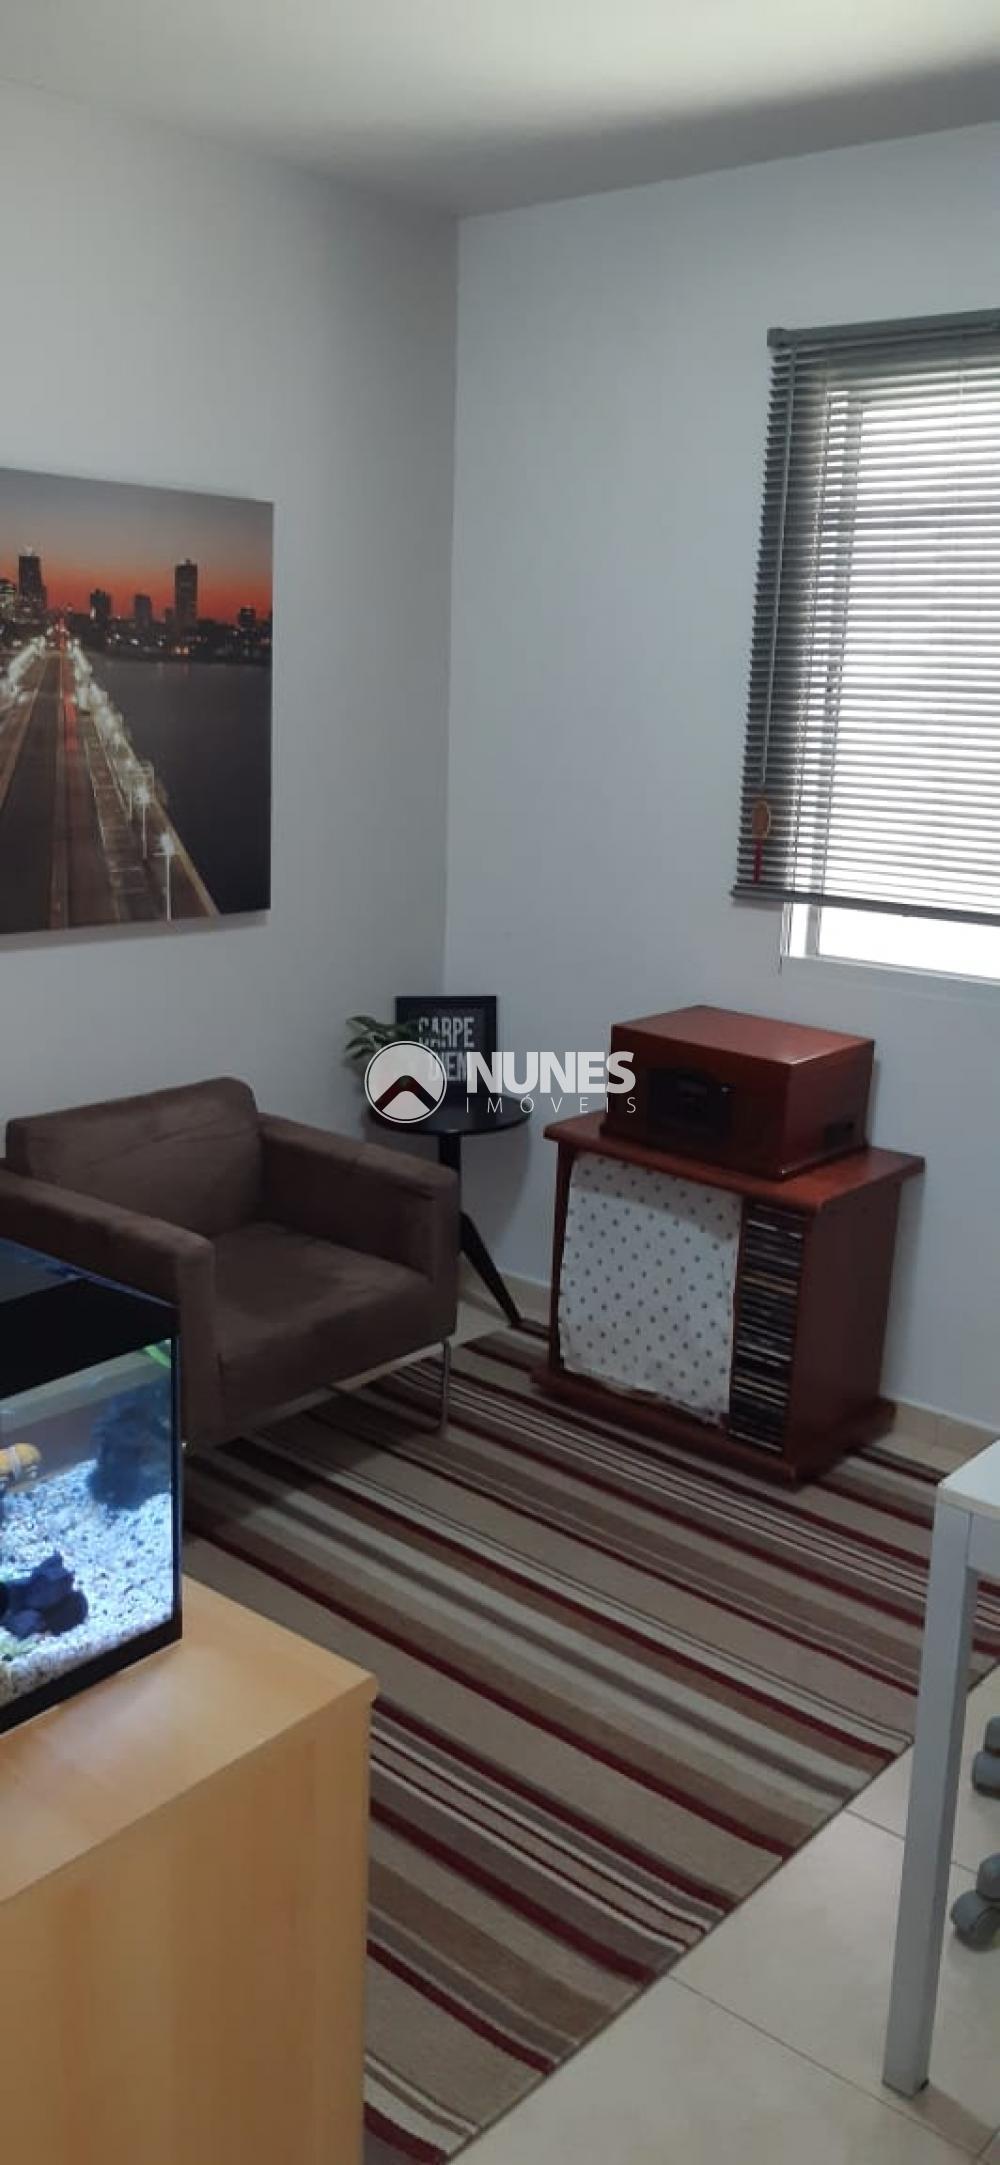 Comprar Apartamento / Padrão em Cotia apenas R$ 350.000,00 - Foto 4